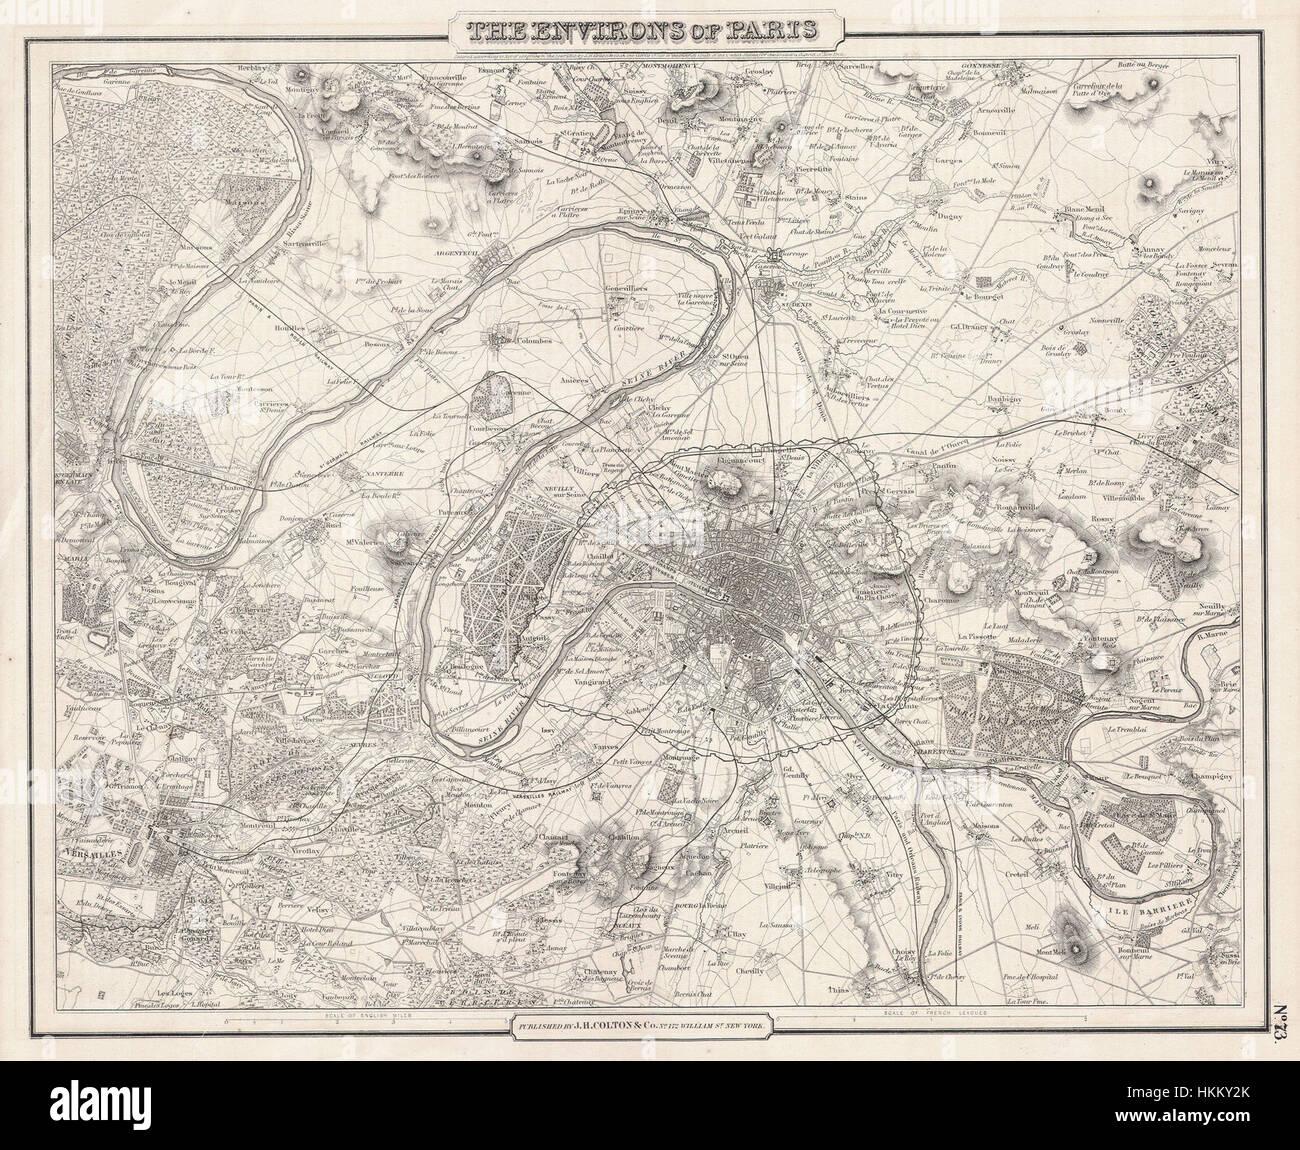 1857 Colton Map of Paris, France - Geographicus - Paris-cbl-1855 - Stock Image